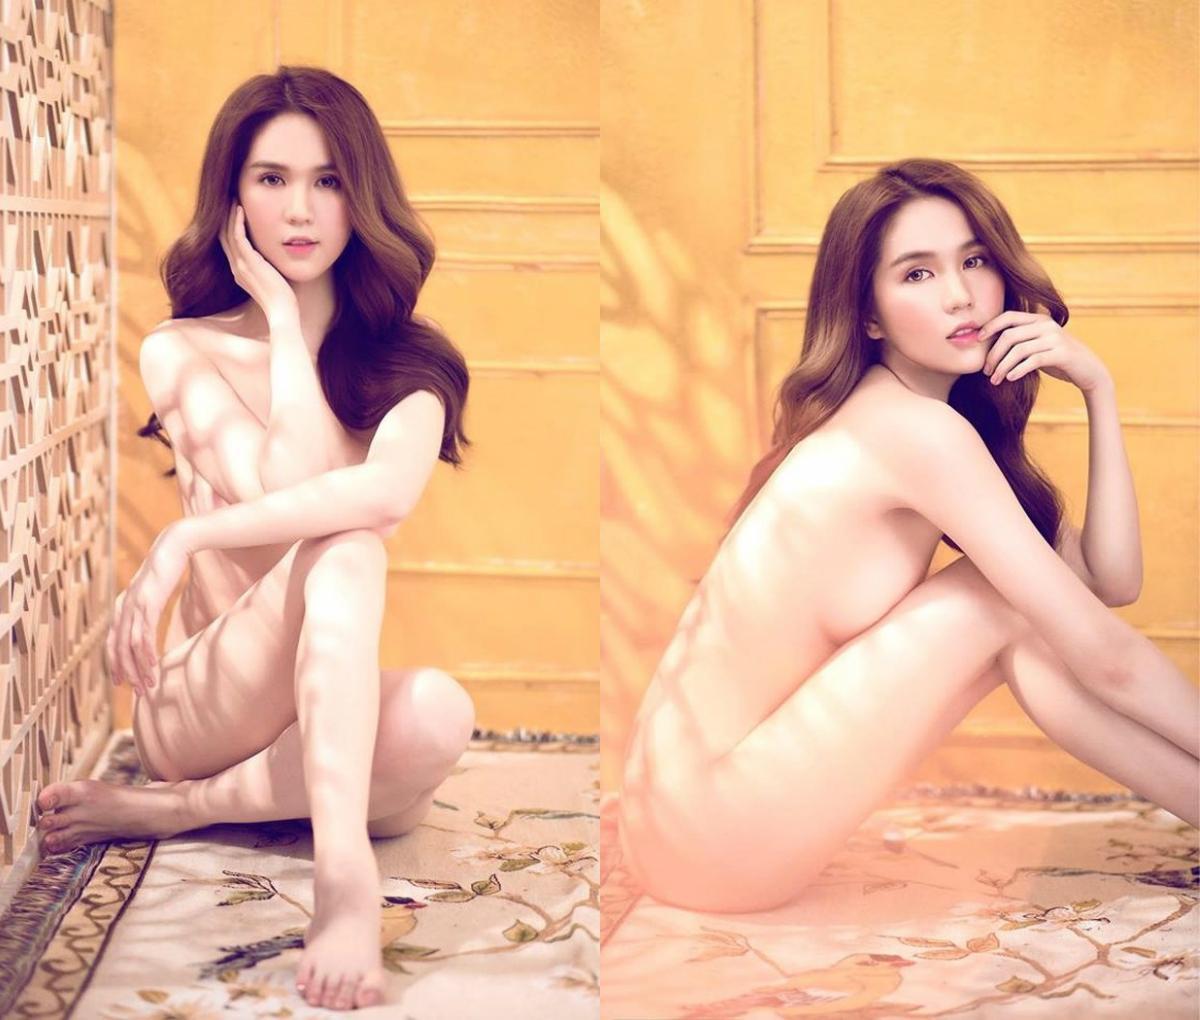 Choáng váng với những bộ ảnh khỏa thân trần như nhộng của Ngọc Trinh - Hình 2